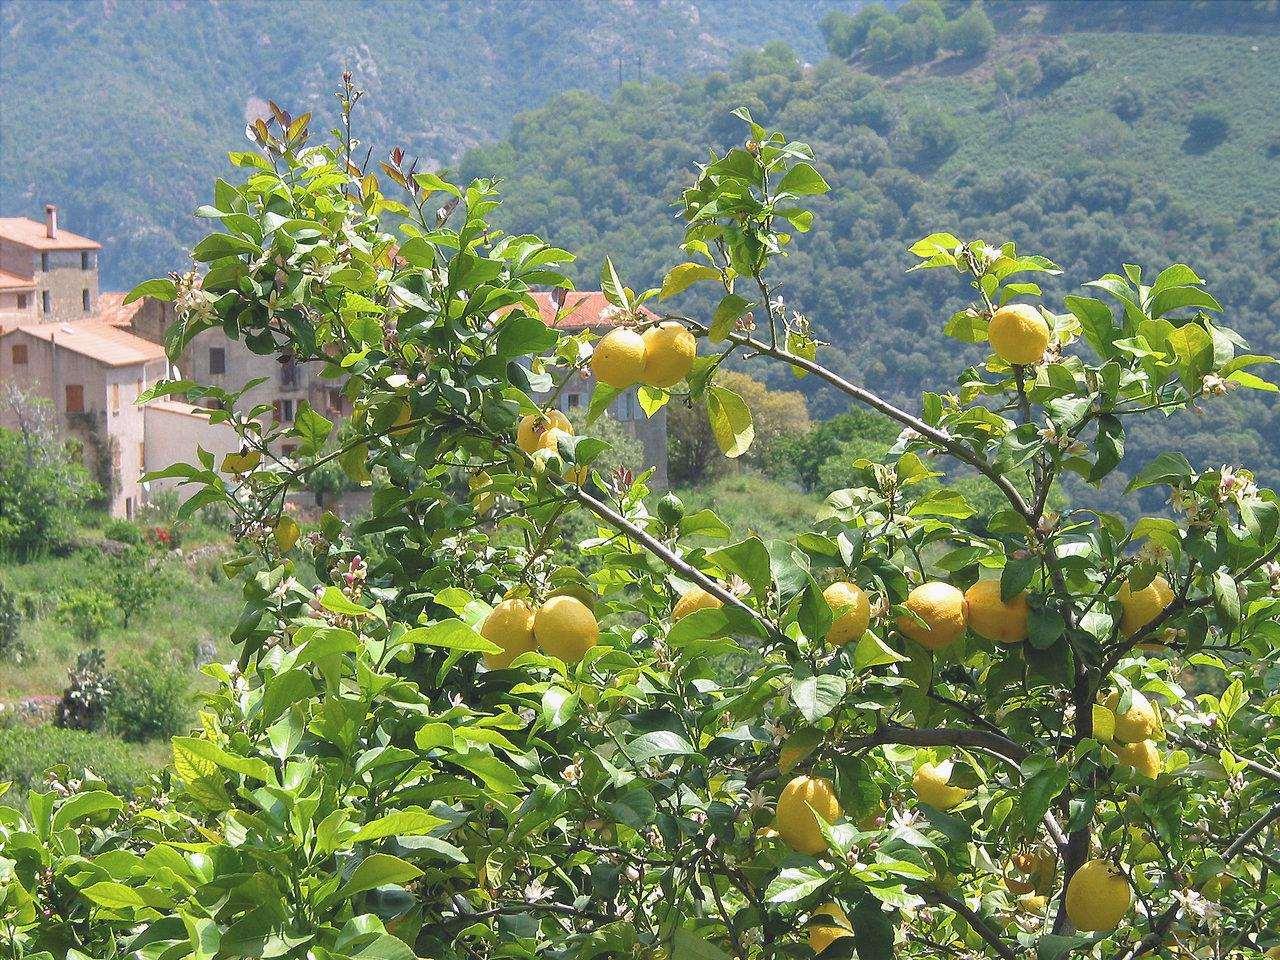 Vista dell'albero di limone